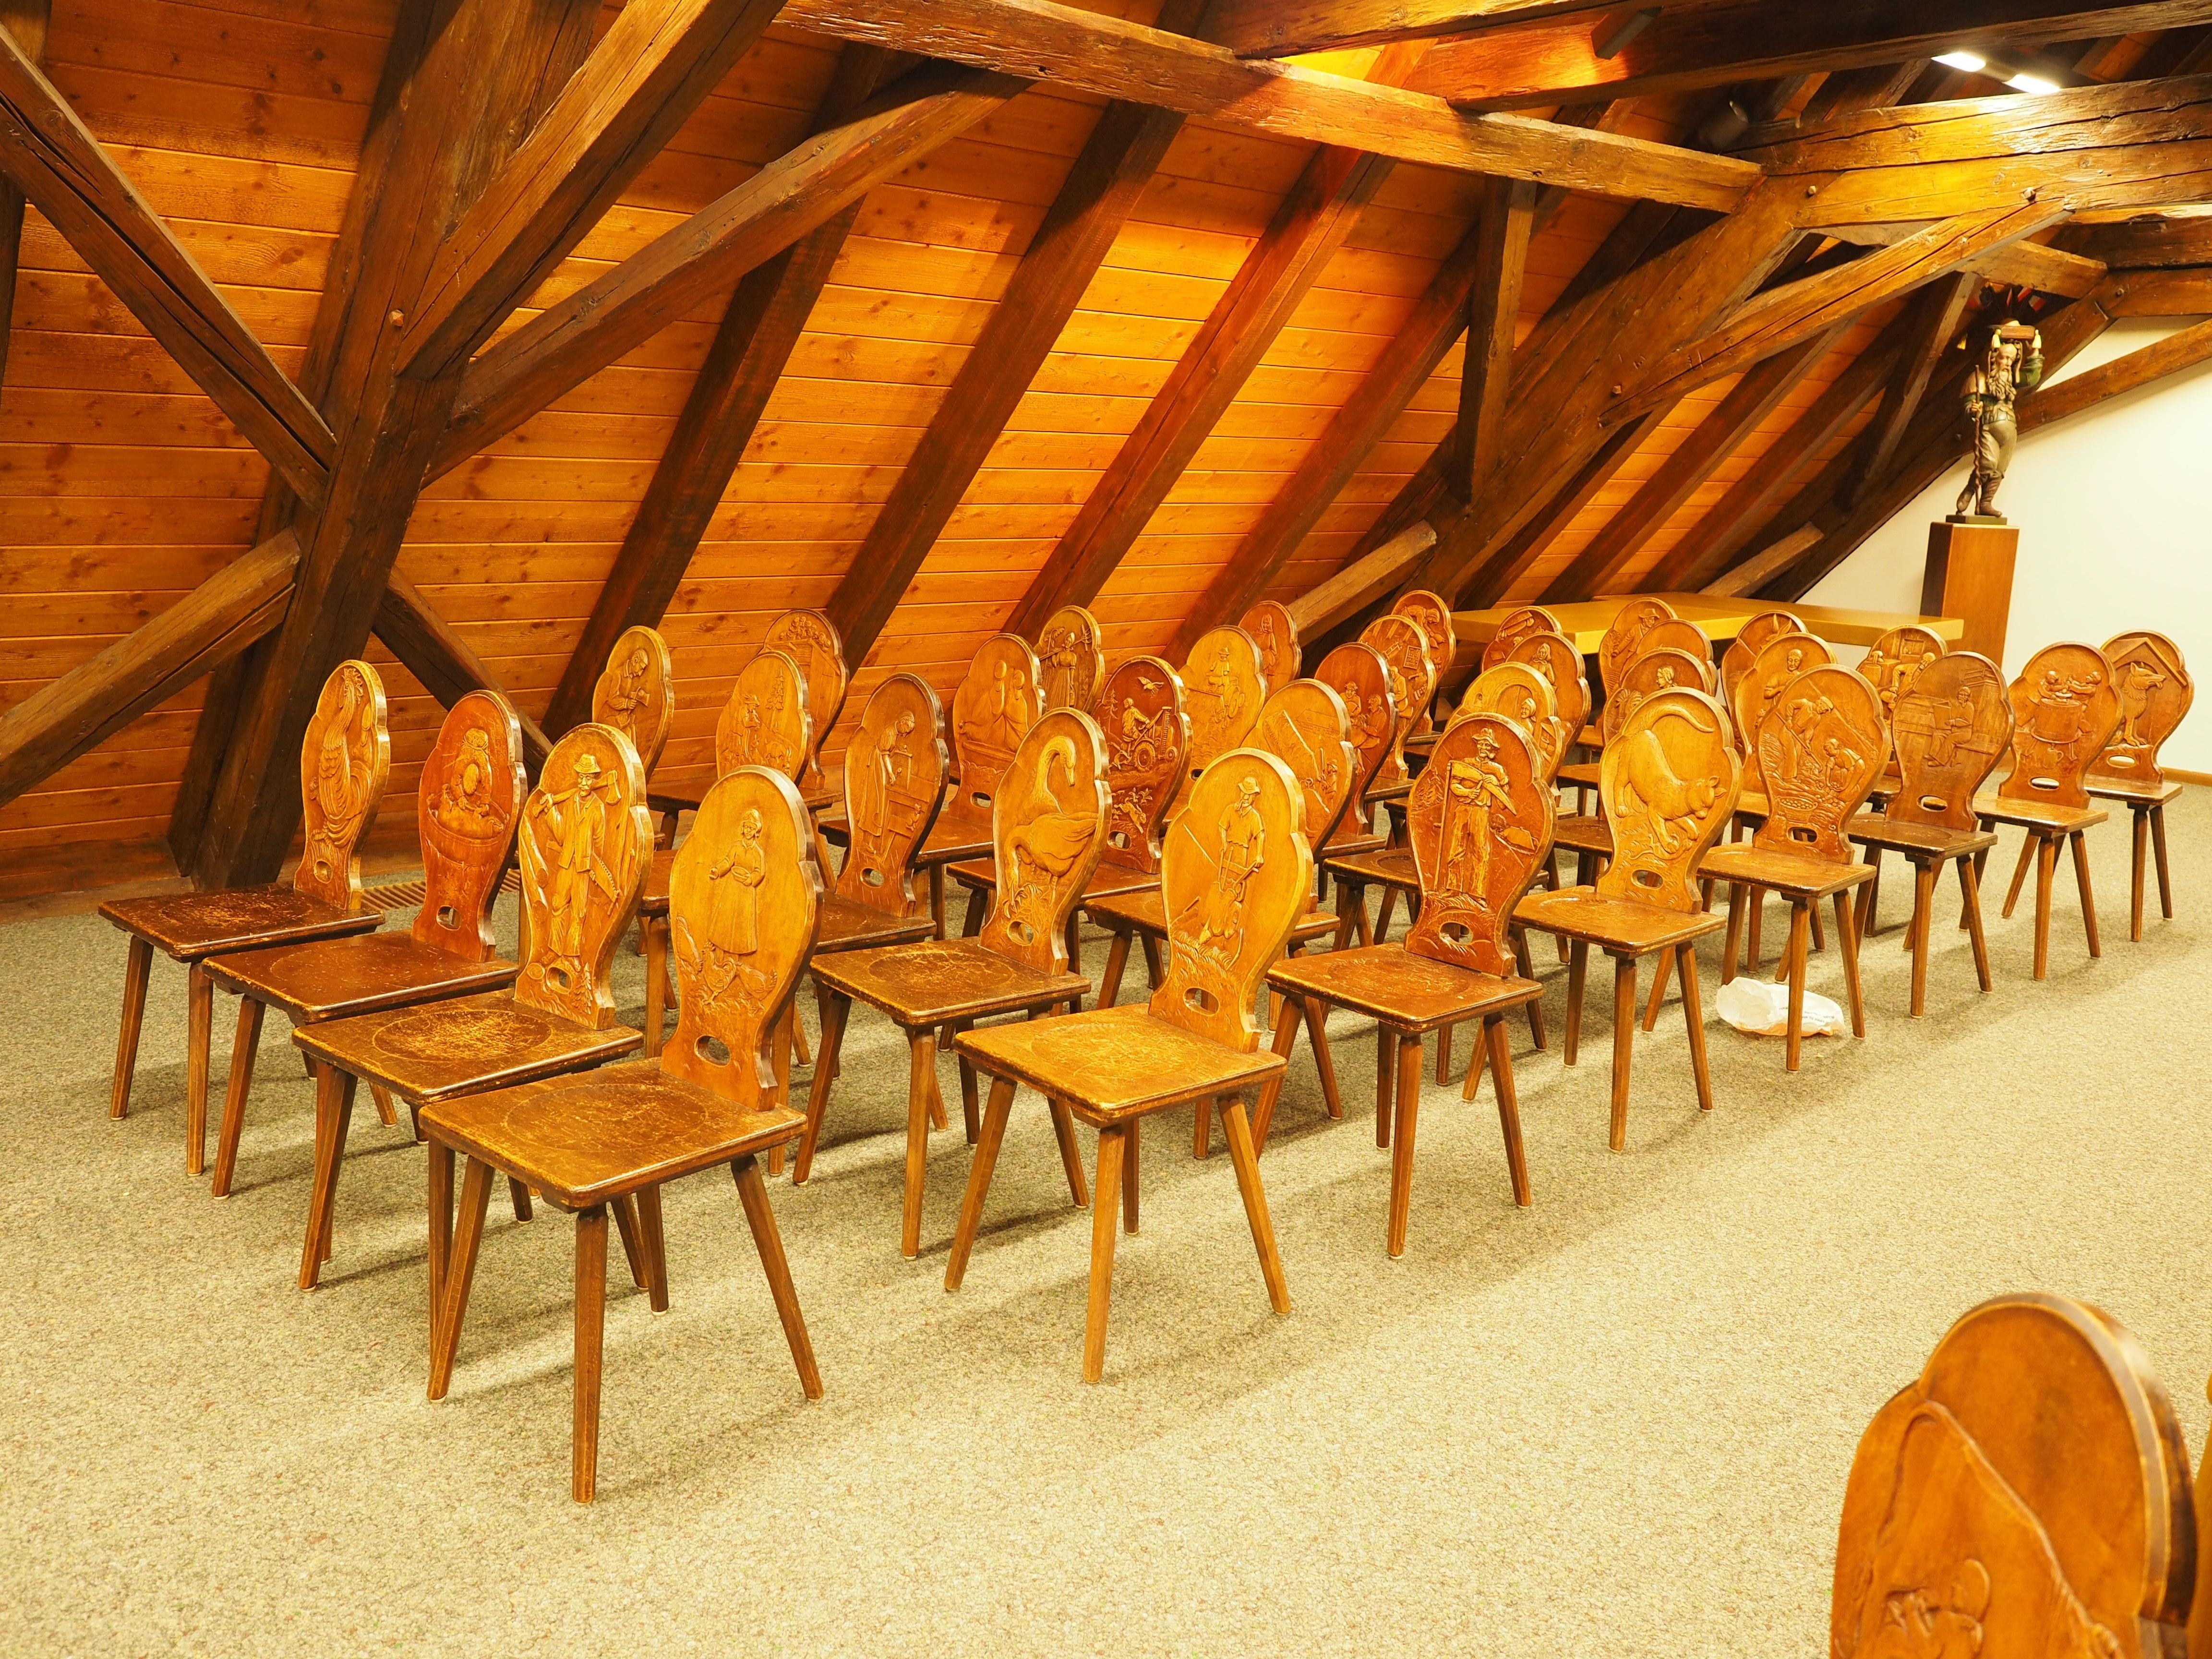 Fotos gratis : mesa, madera, silla, restaurante, antiguo, comida ...